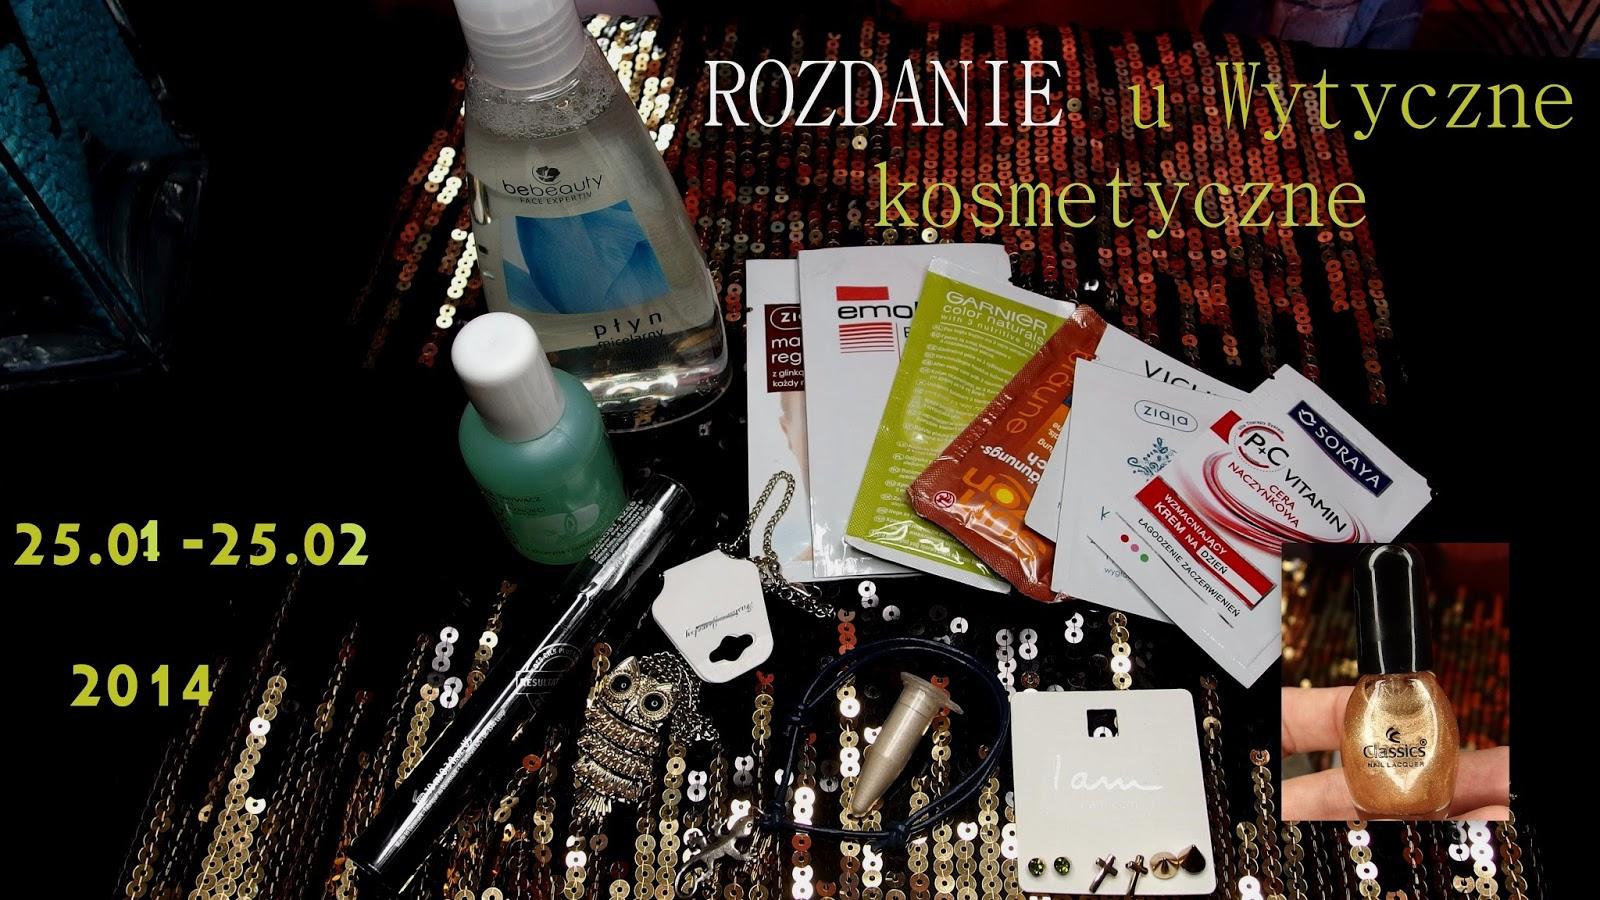 http://wytycznekosmetyczne.blogspot.com/2014/01/mae-rozdanie-wraz-z-podziekowaniem.html